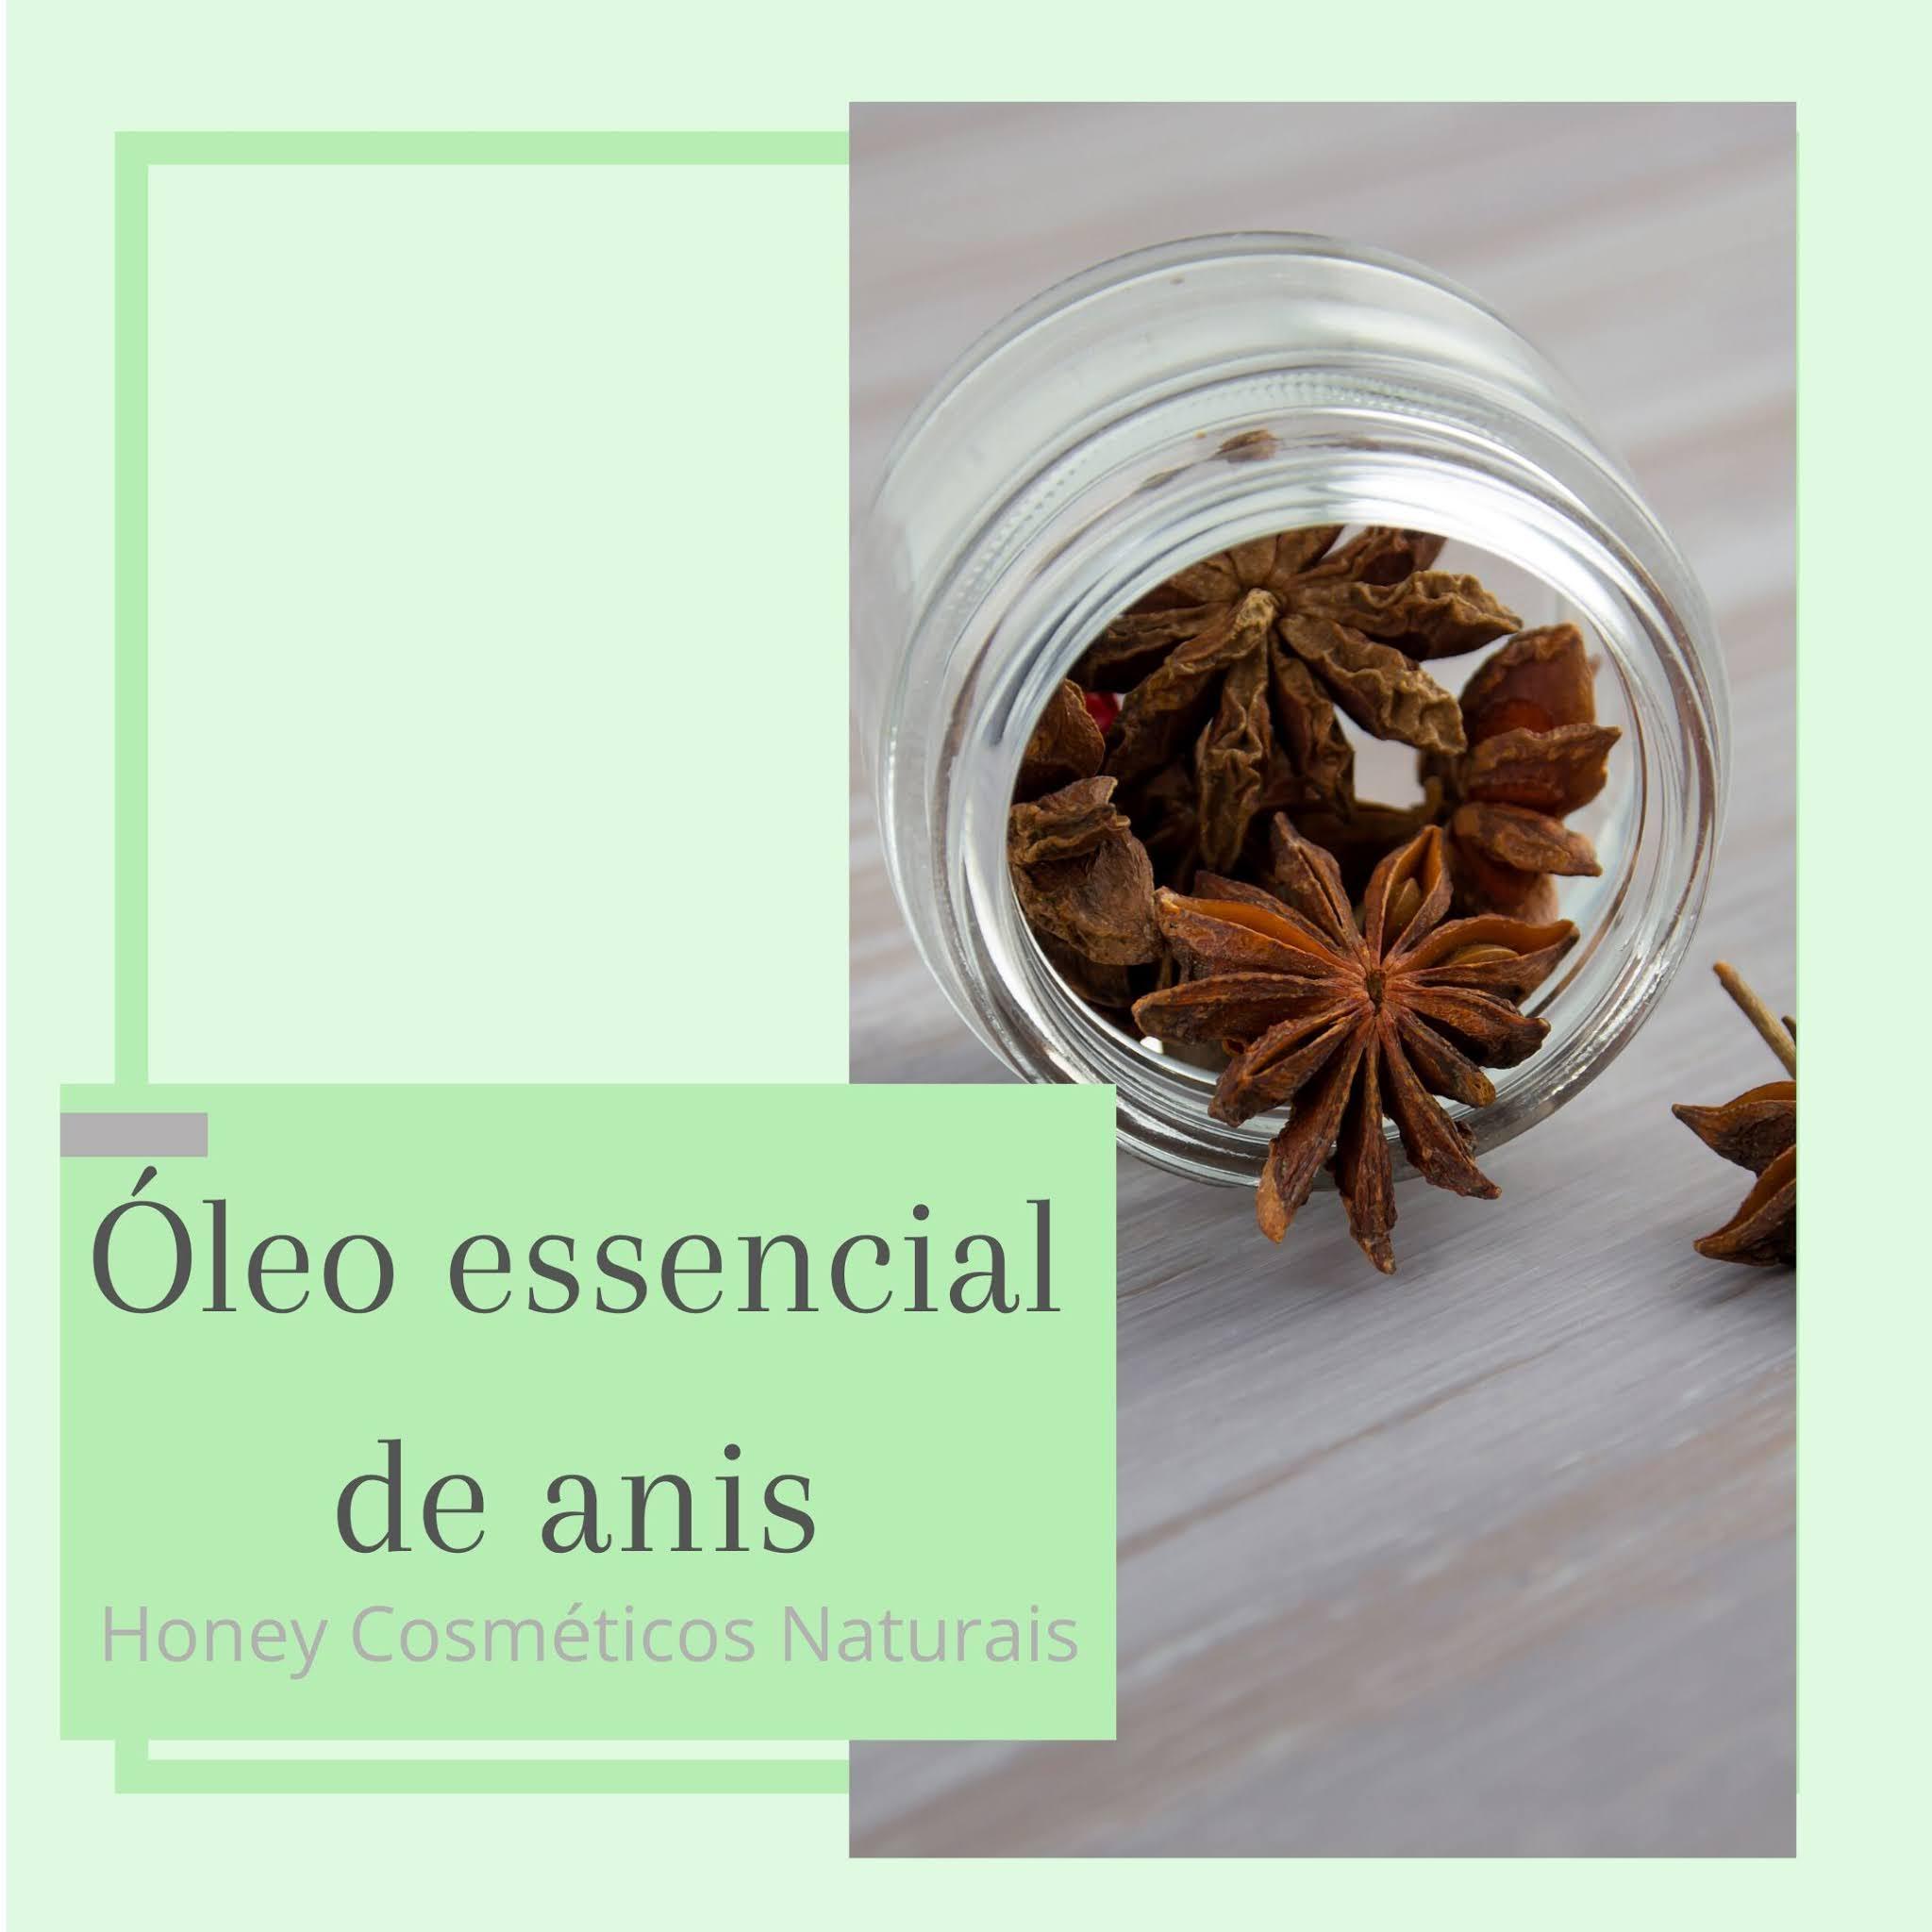 oleo essencial de anis